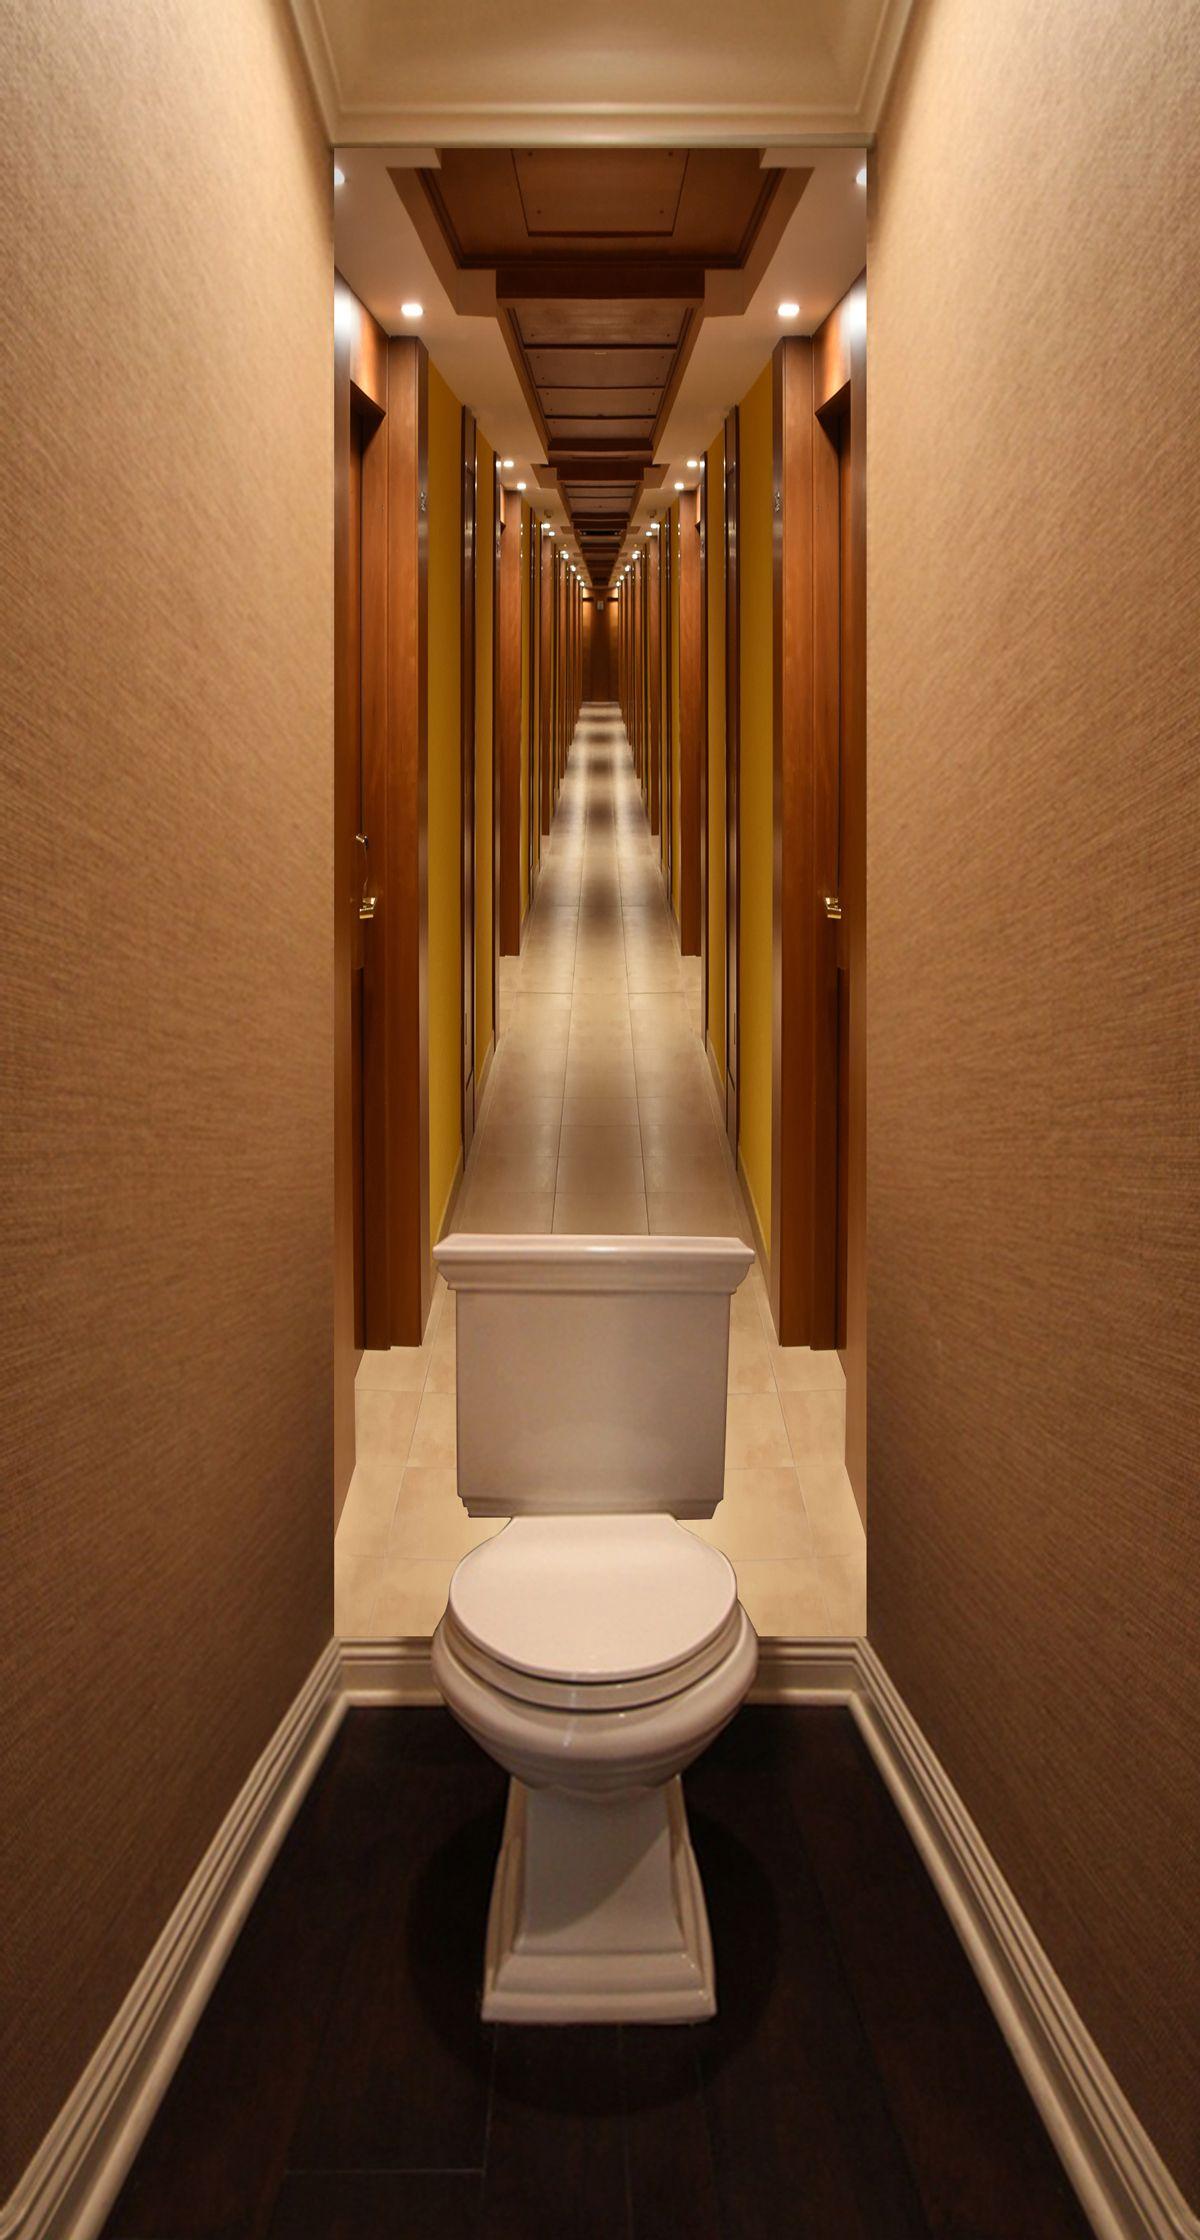 Фотообои в туалет - Лайнер купить в магазине Интерьерные наклейки